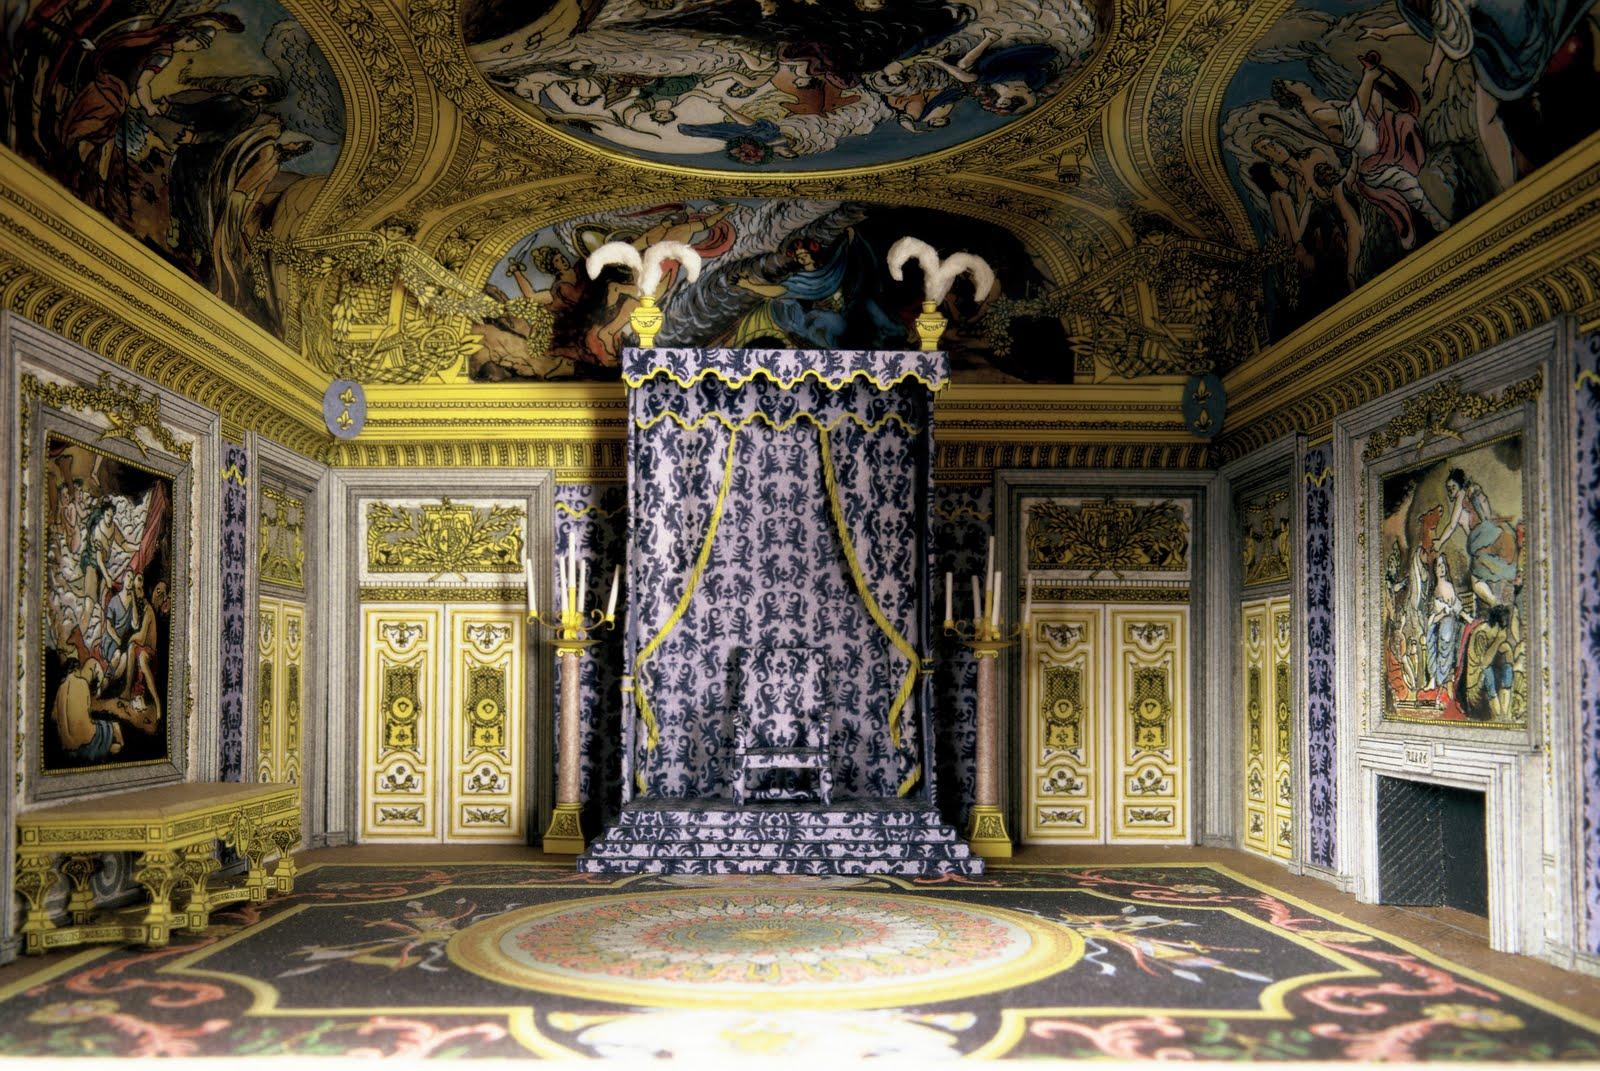 Georges banc objets exquis destin s la contemplation for Salon versailles